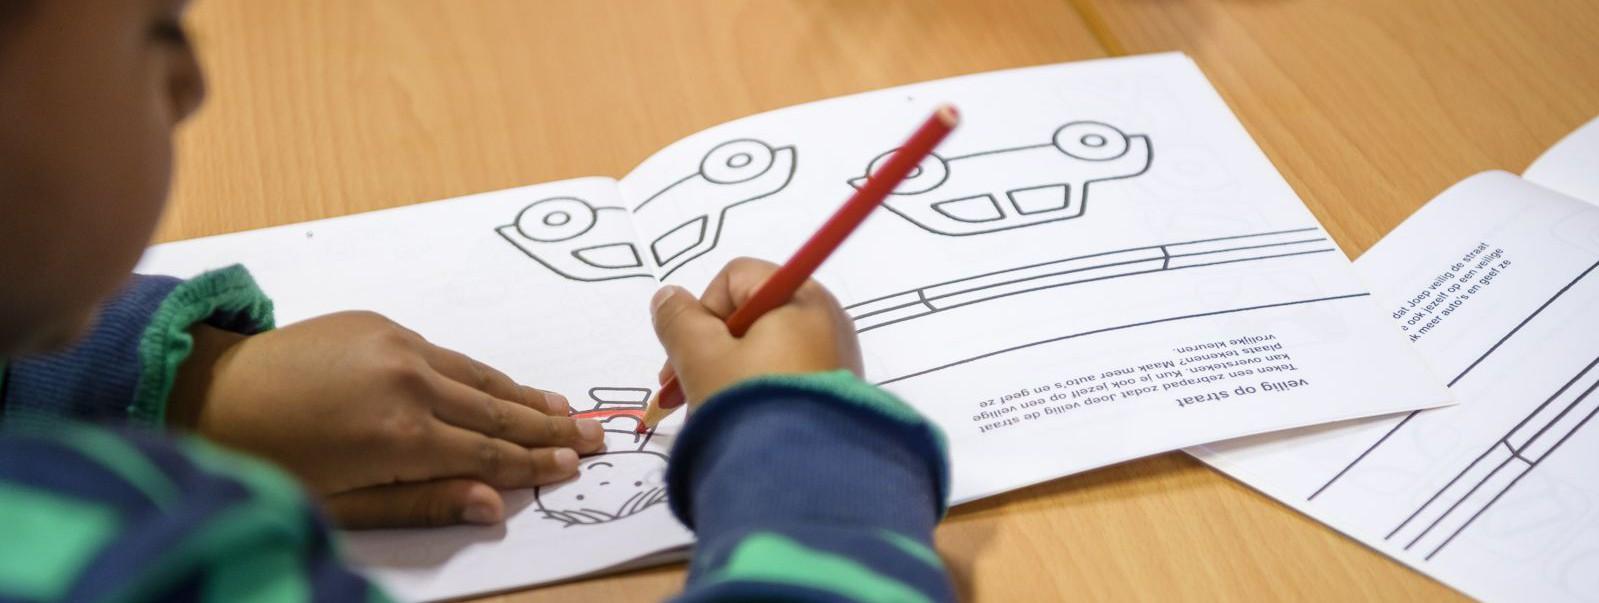 Lespakket verkeerslespakket verkeerseducatie verkeersles kleuters peuters leren kinderen over het verkeer en de gevaren hoe goed opletten bij oversteken met hulp van Dick Bruna tekeningen van nijntje leren in de klas met kleuren spelletjes oefenen spelen